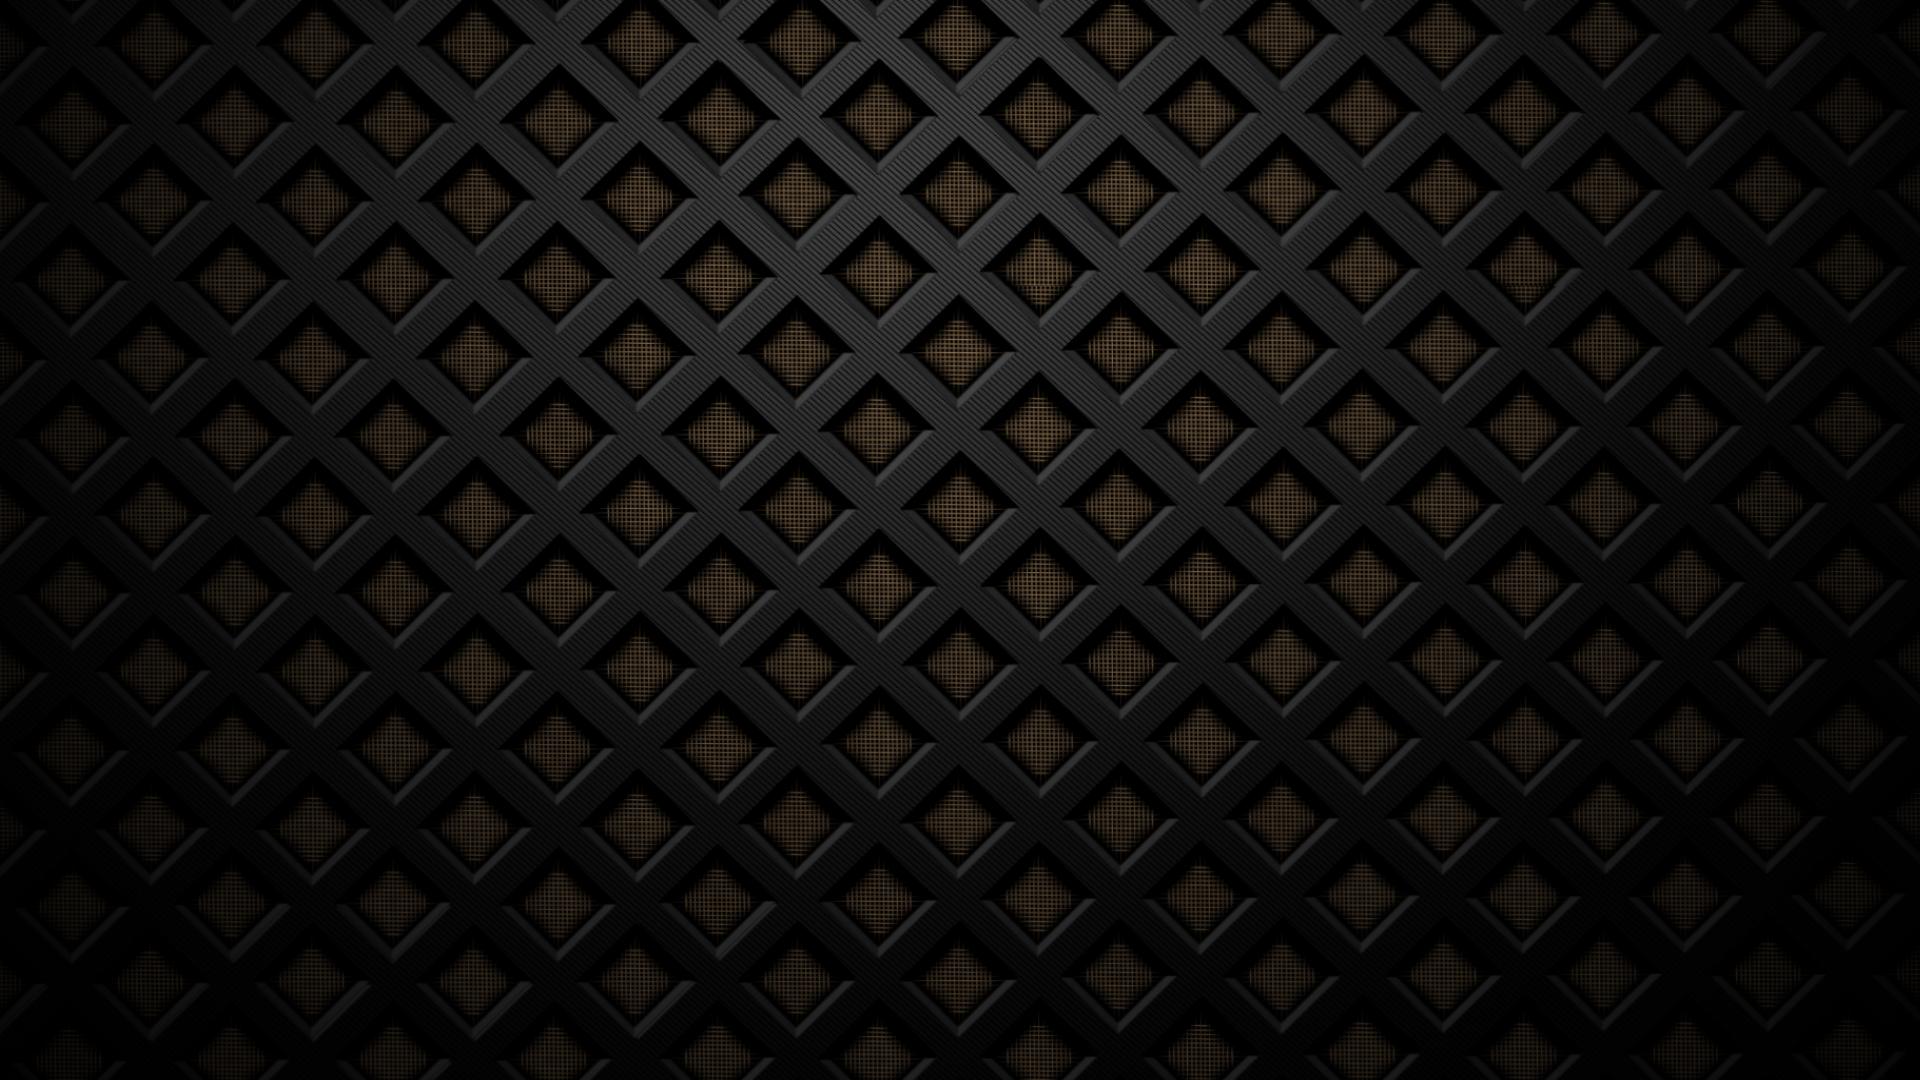 Wallweb5 Png 1920 1080 Black Textured Wallpaper Dark Wallpaper Textured Wallpaper